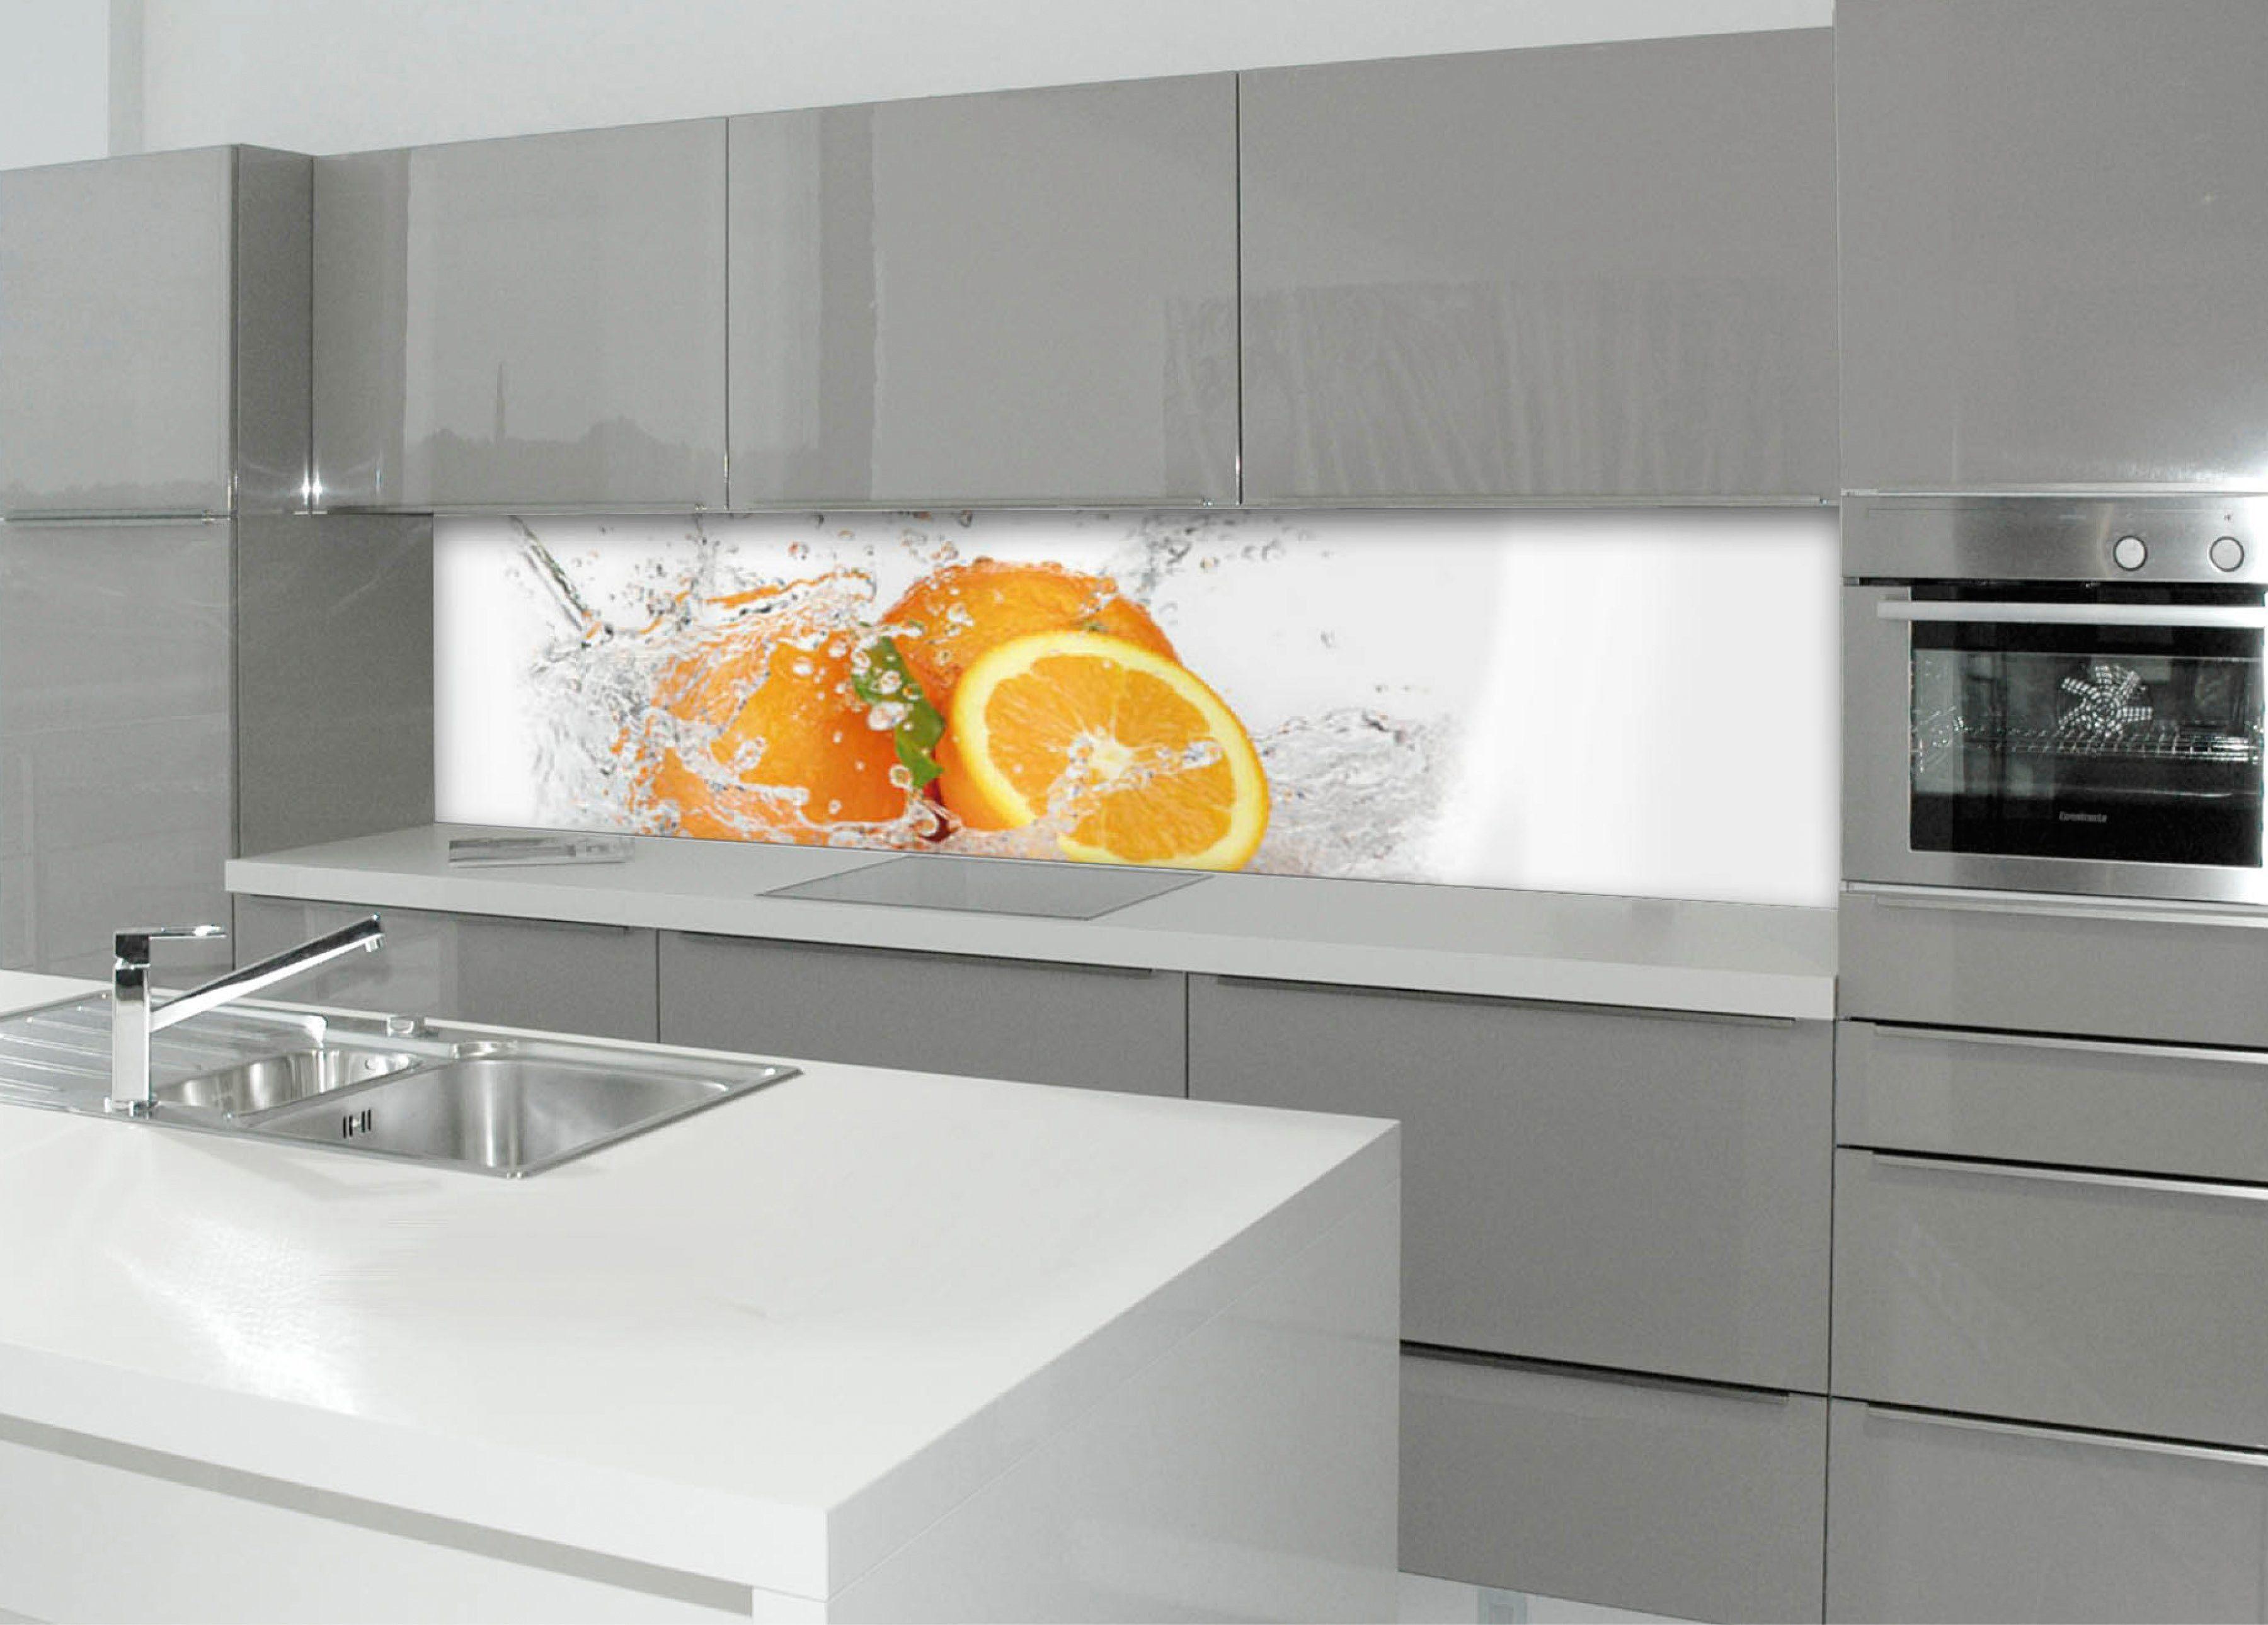 Küchenrückwand - Spritzschutz »profix«, Aqua-Orange, 220x60 cm